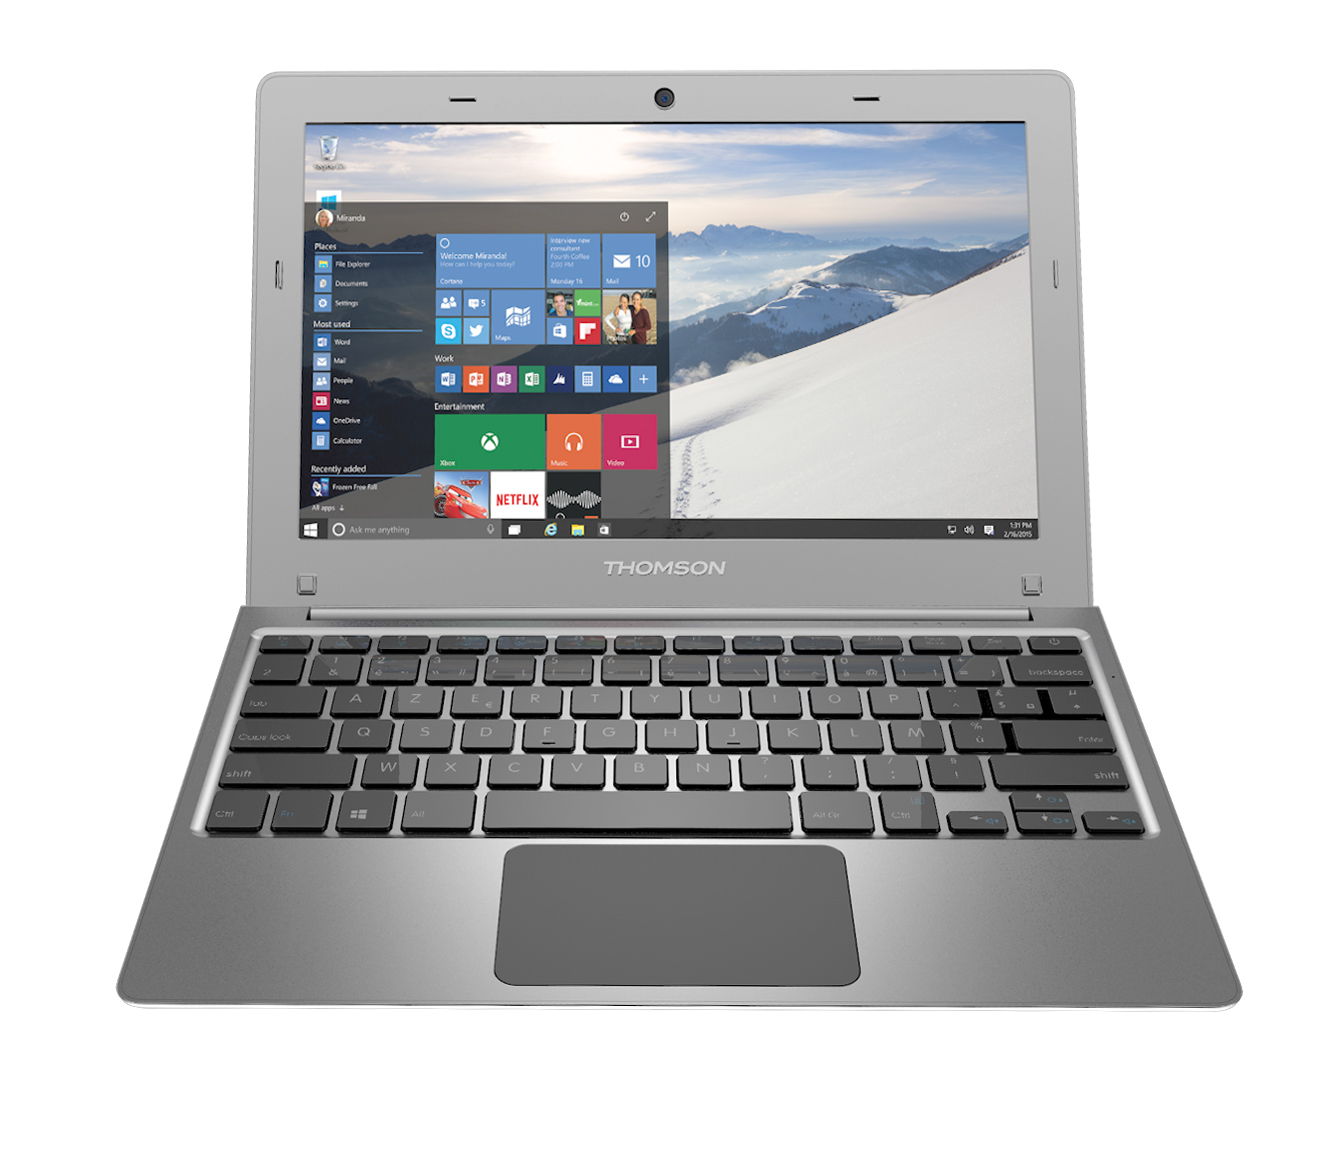 Thomson chce sprzedać w Polsce 1,5 mln tabletów i laptopów